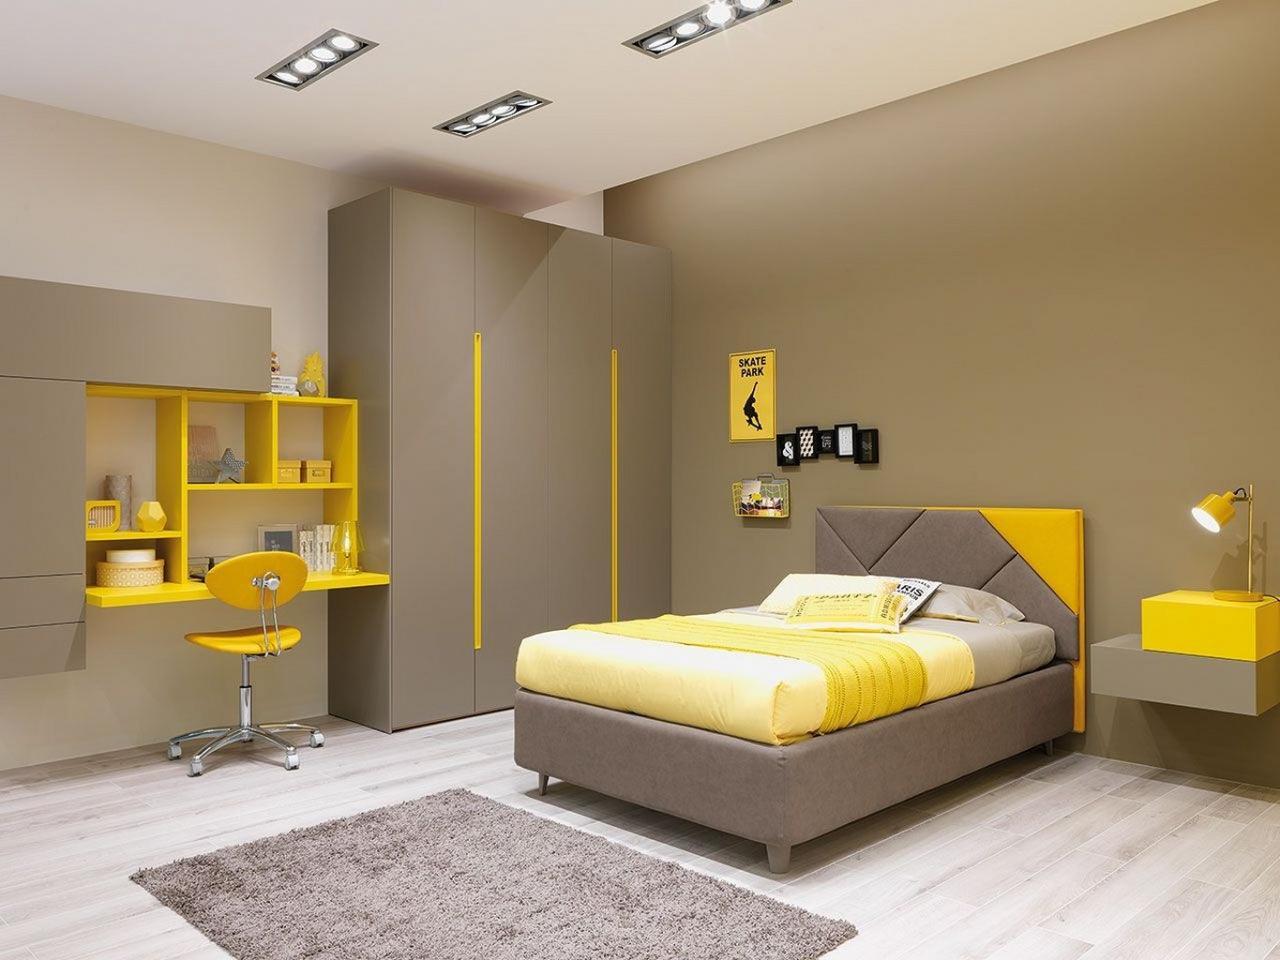 صورة غرف اولاد, هذه هي غرفة الاولاد غير البنات بالتاكيد 708 4